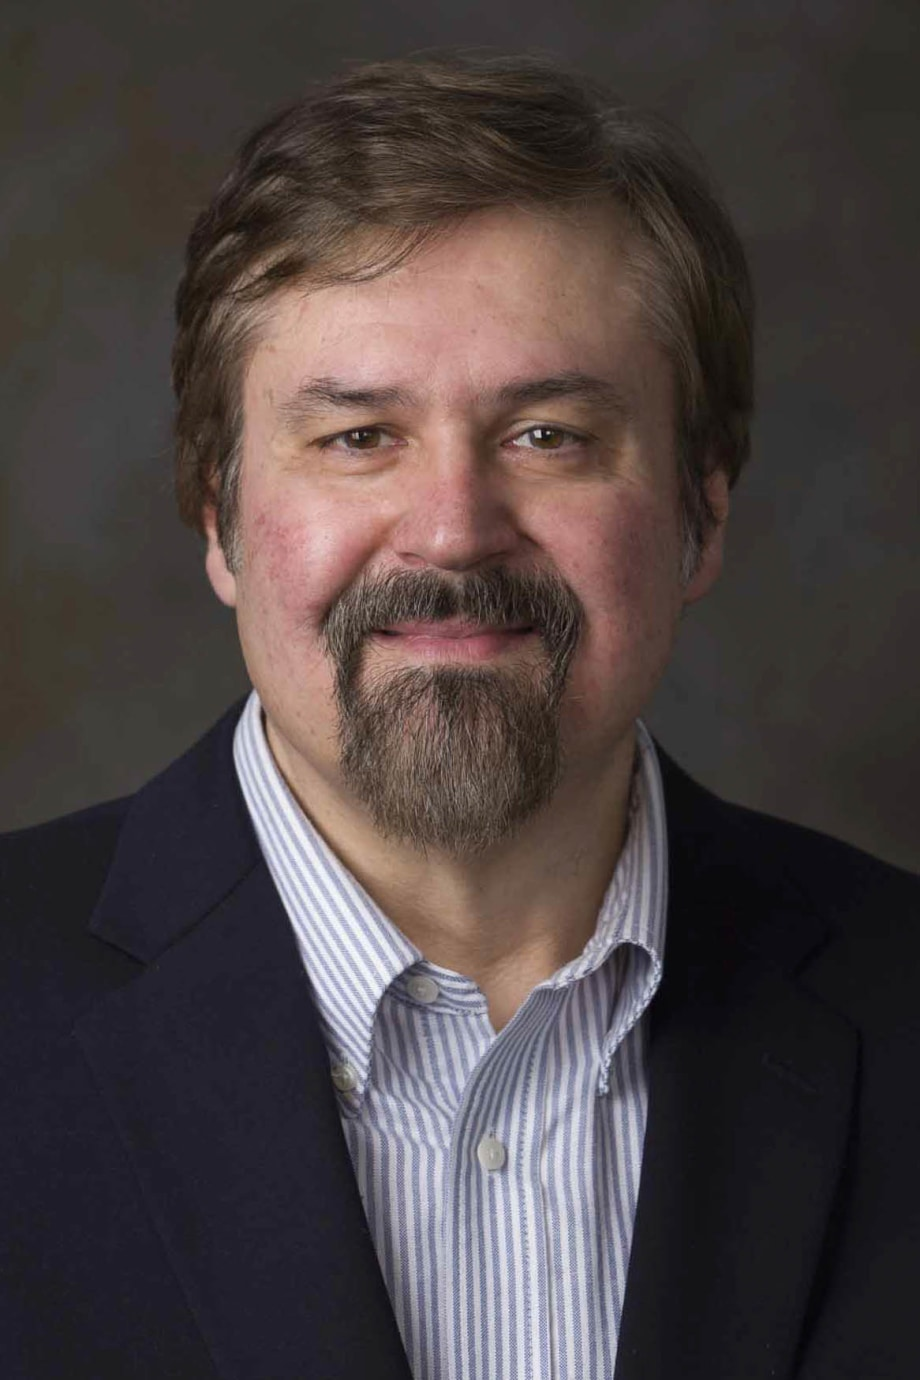 Jacob Tebes, PhD